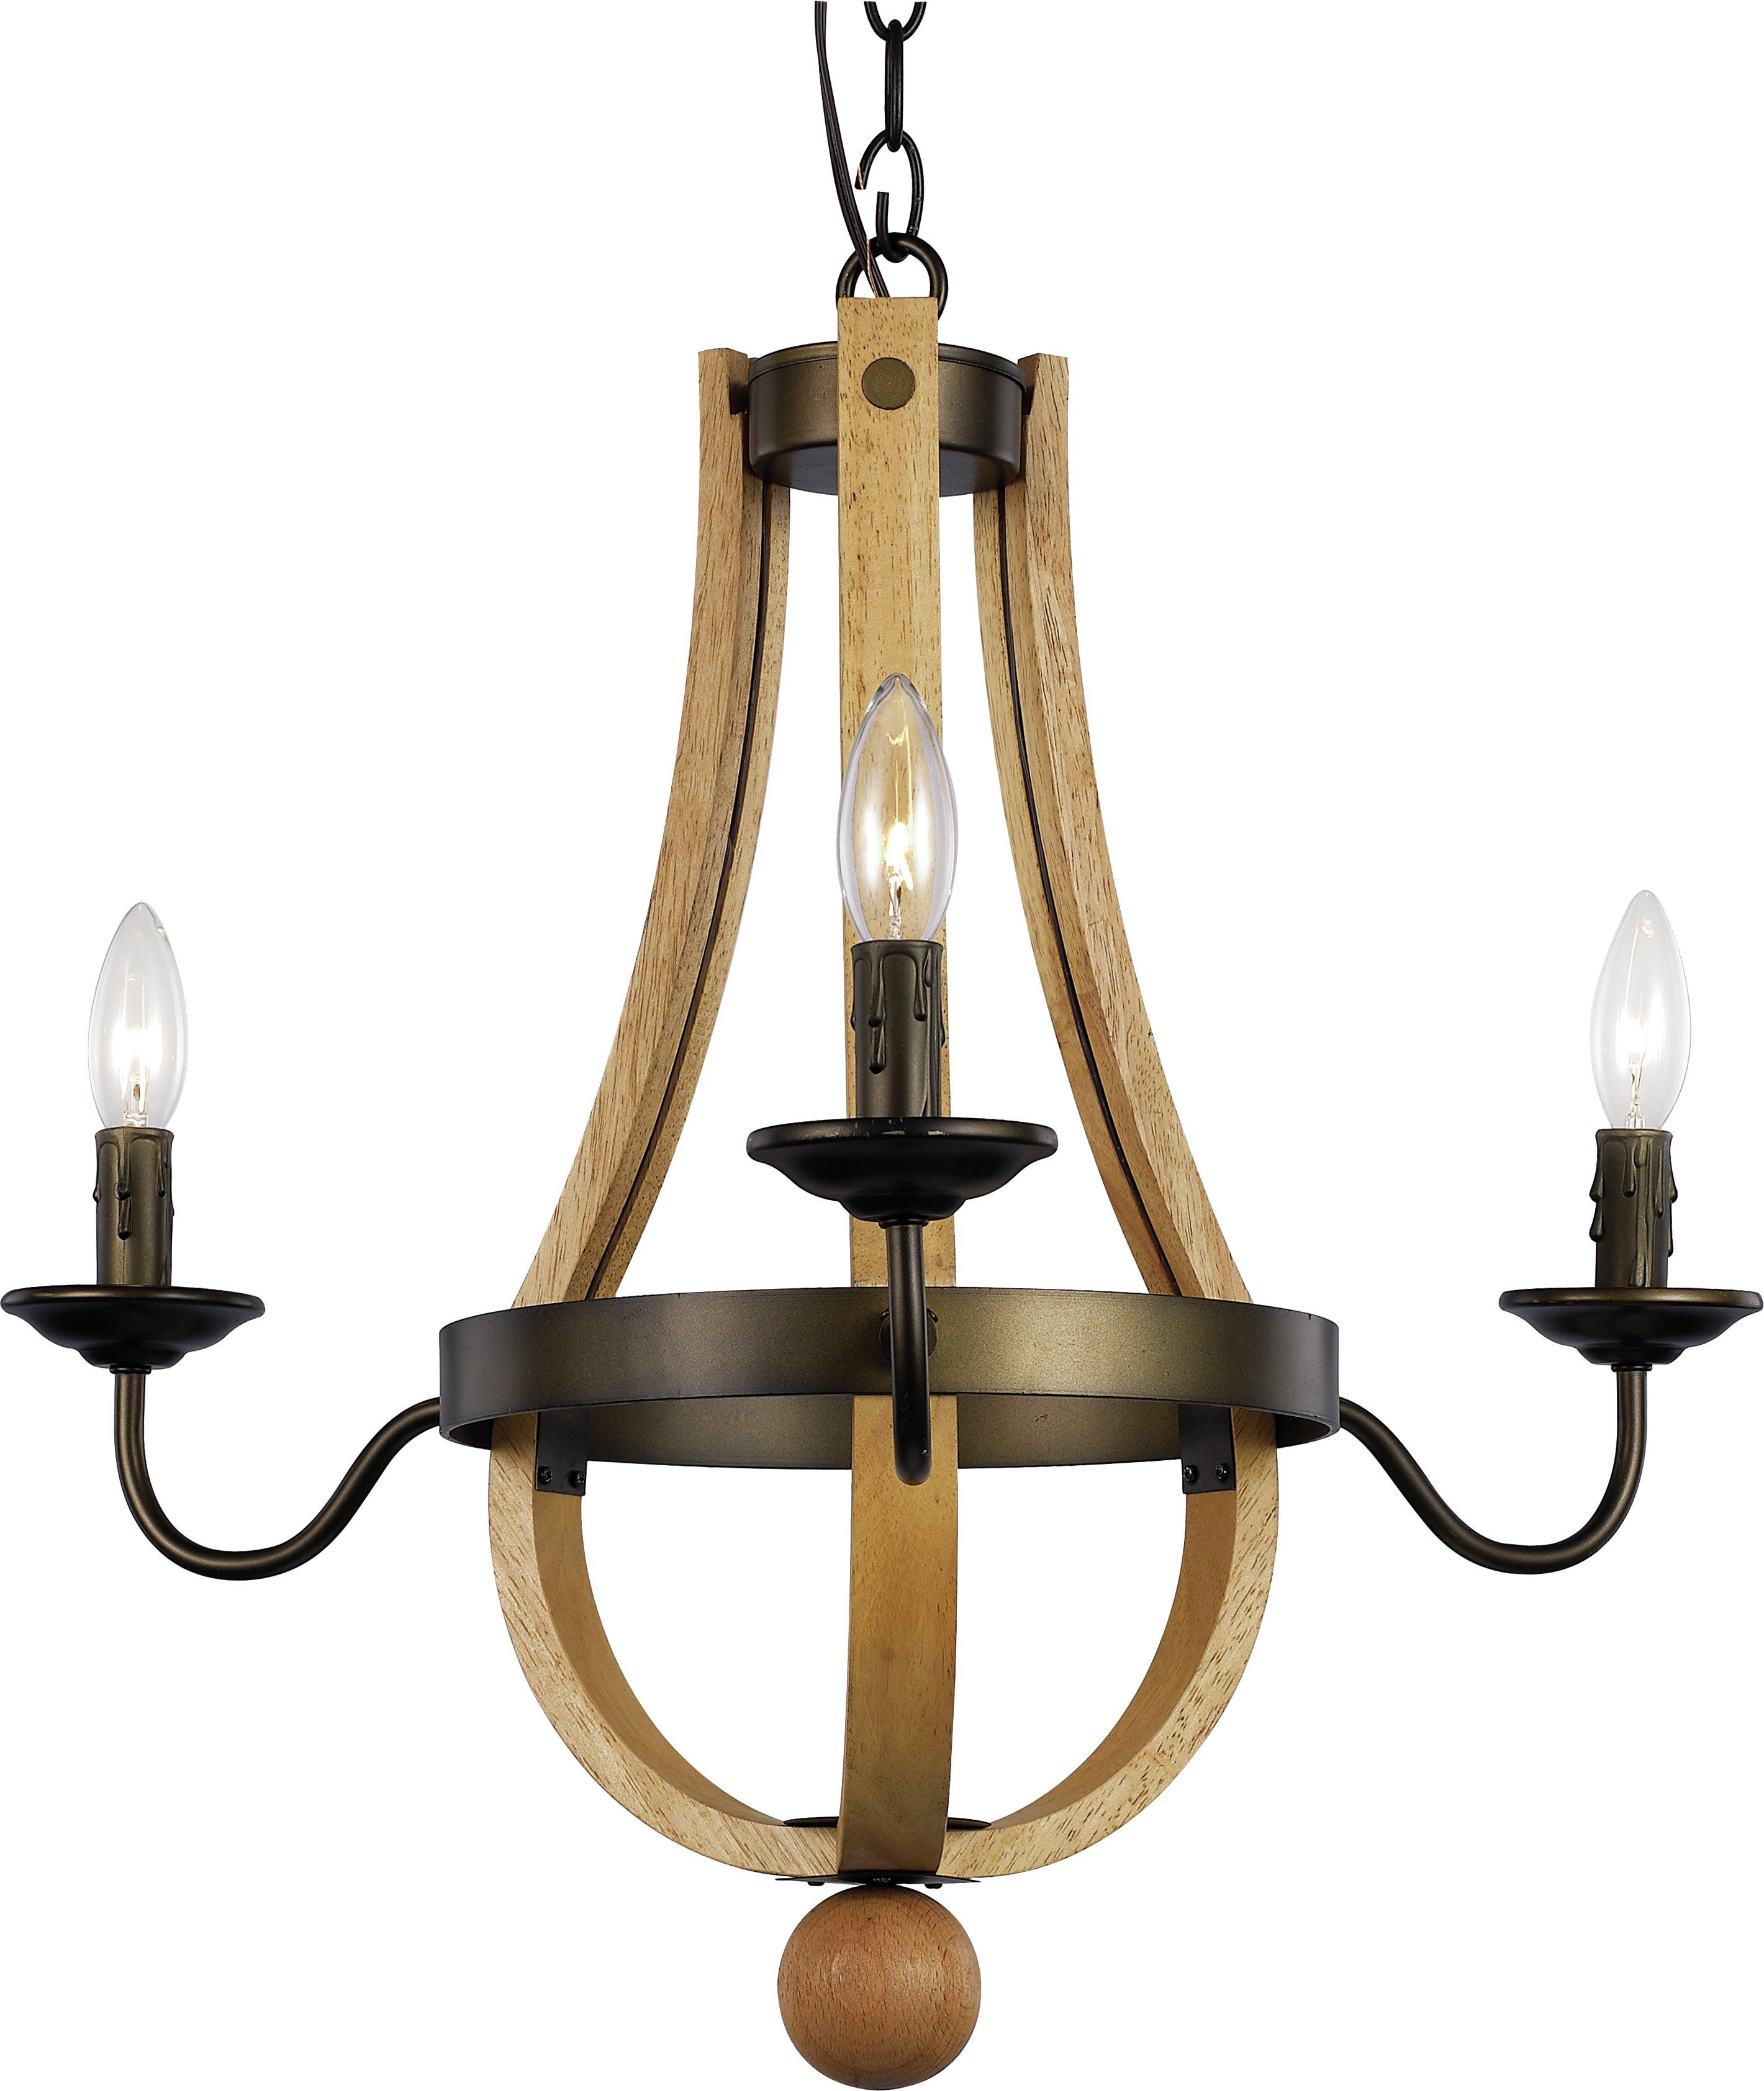 Dimitri 3 Light Empire Chandelier Intended For Finnick 3 Light Lantern Pendants (View 16 of 30)